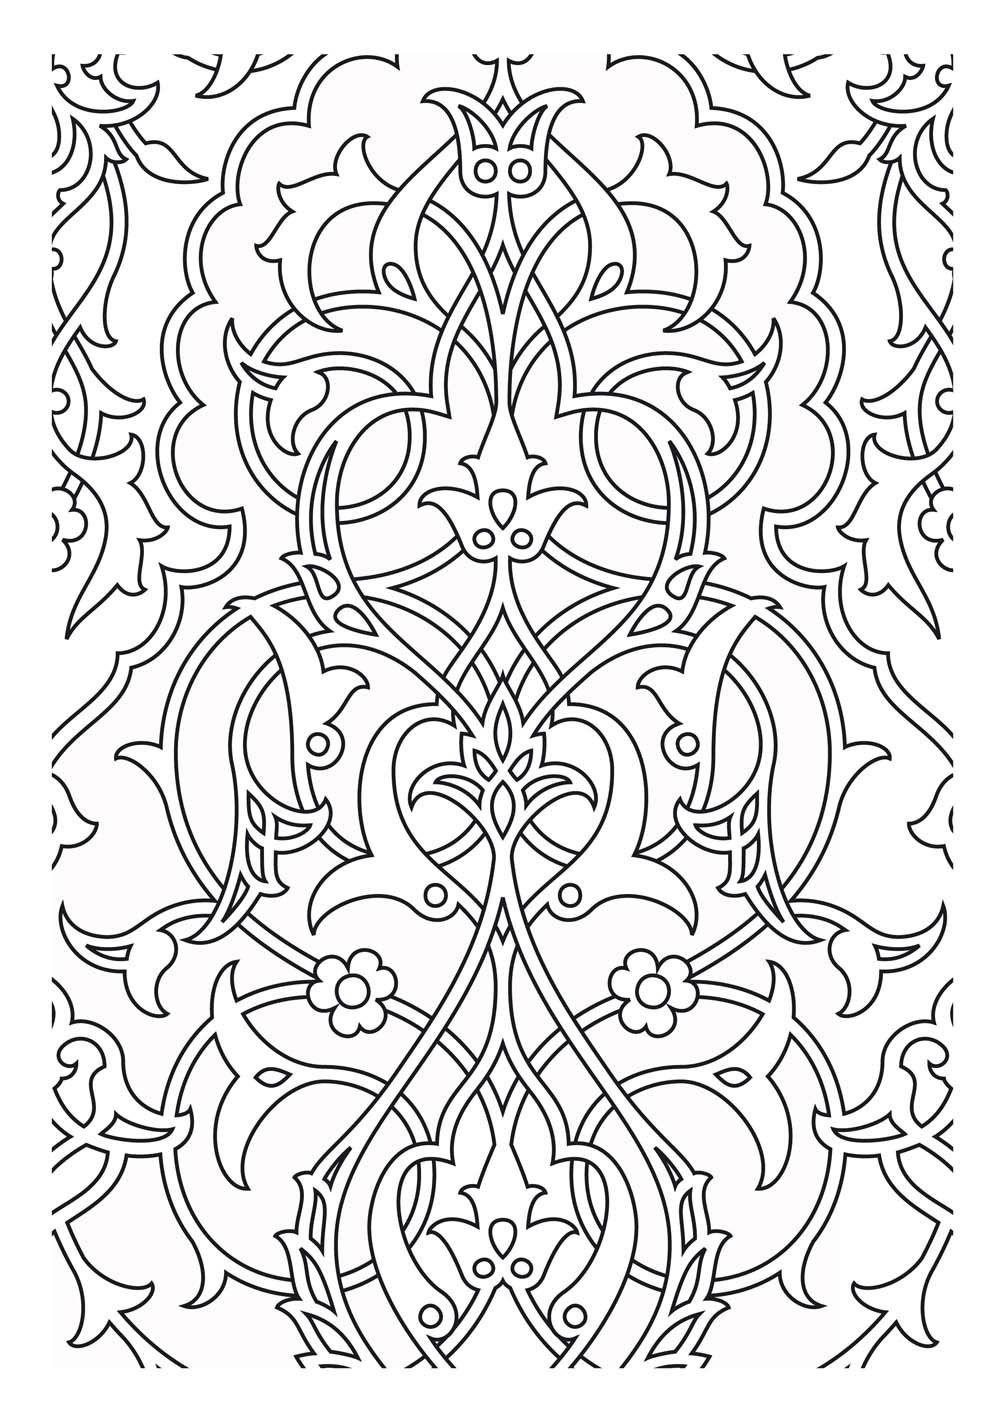 Epingle Par Ginette Bosse Sur Coloriages Coloriage Coloriage Anti Stress Livre Coloriage